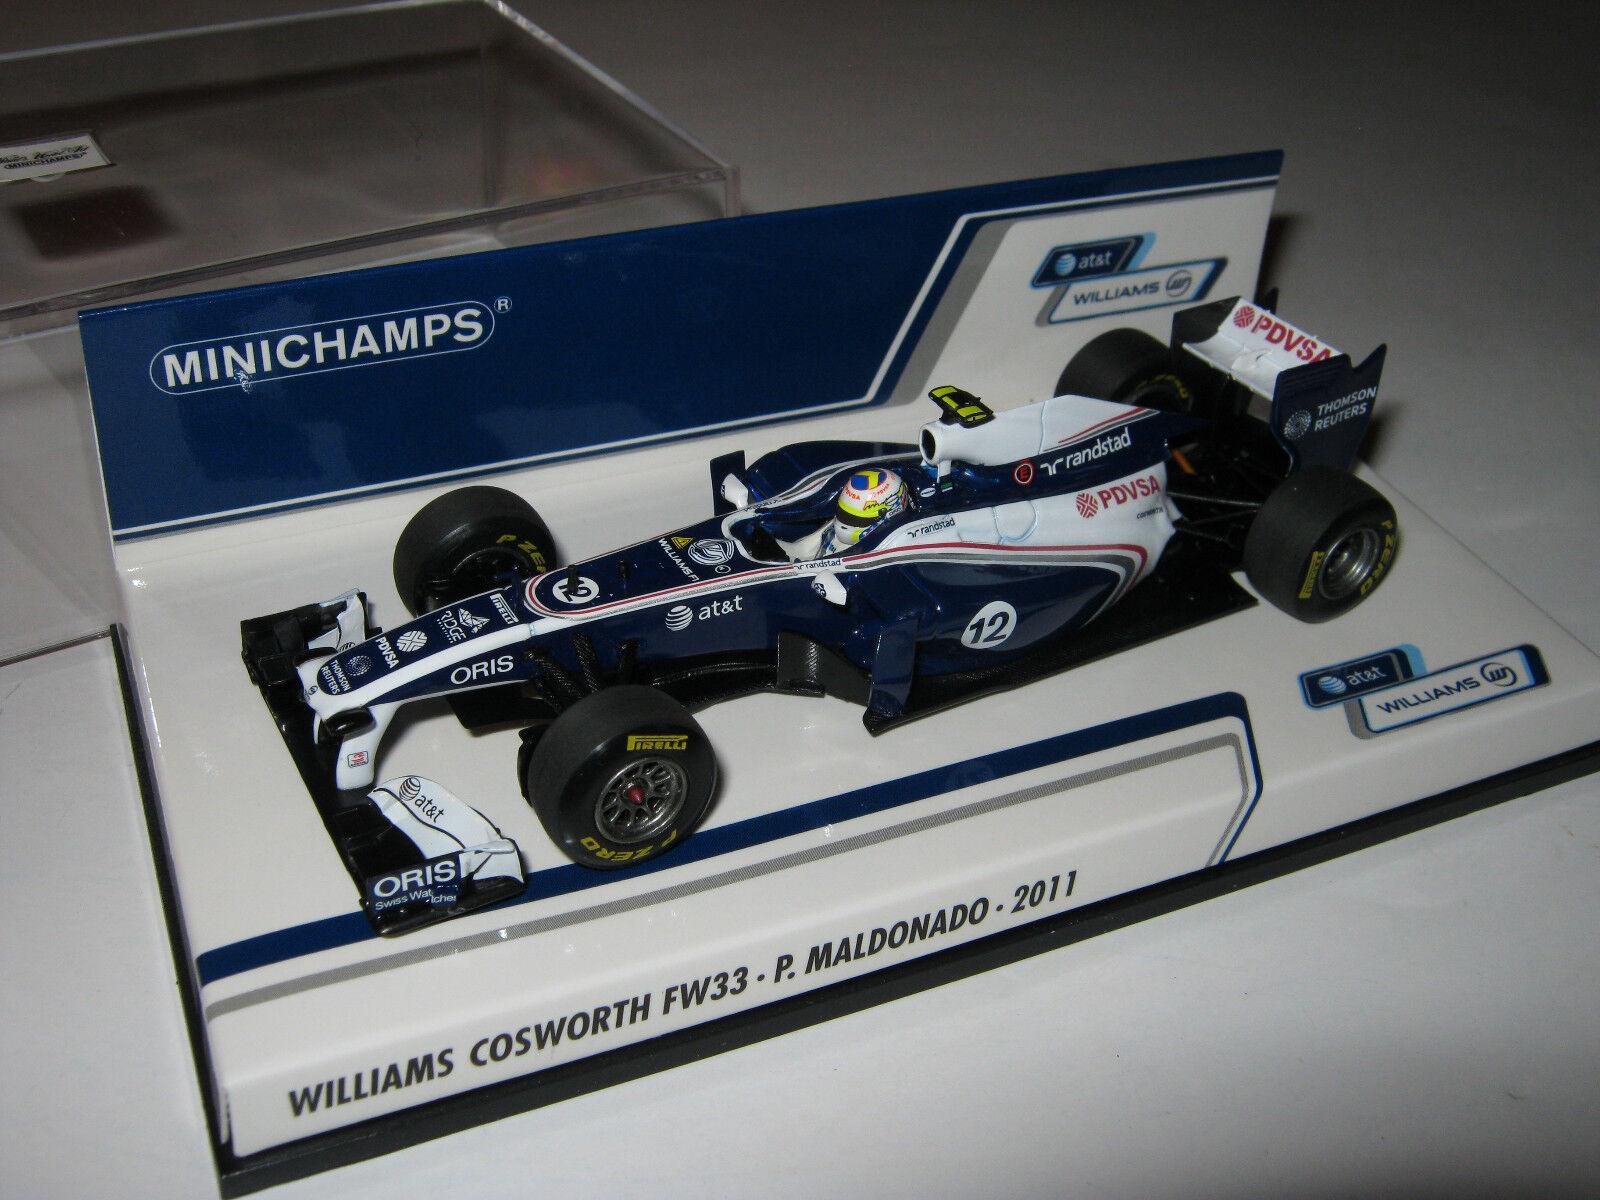 1 43 Williams Cosworth fw33 P. MALDONADO Minichamps 410110012 OVP NUOVO